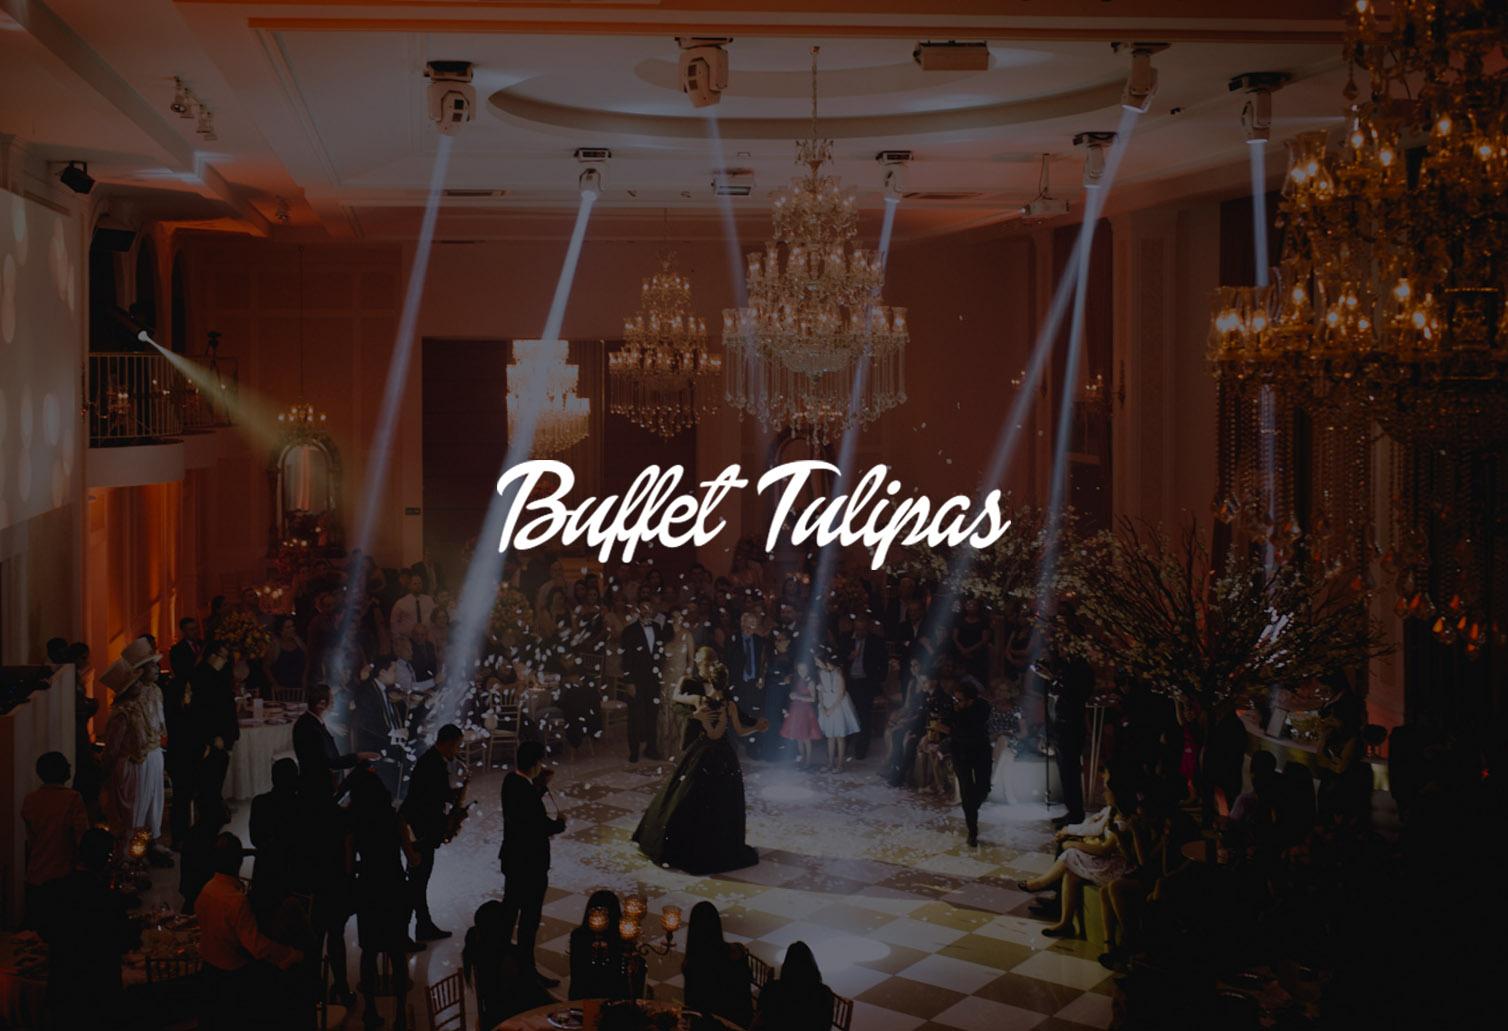 Buffet Tulipas